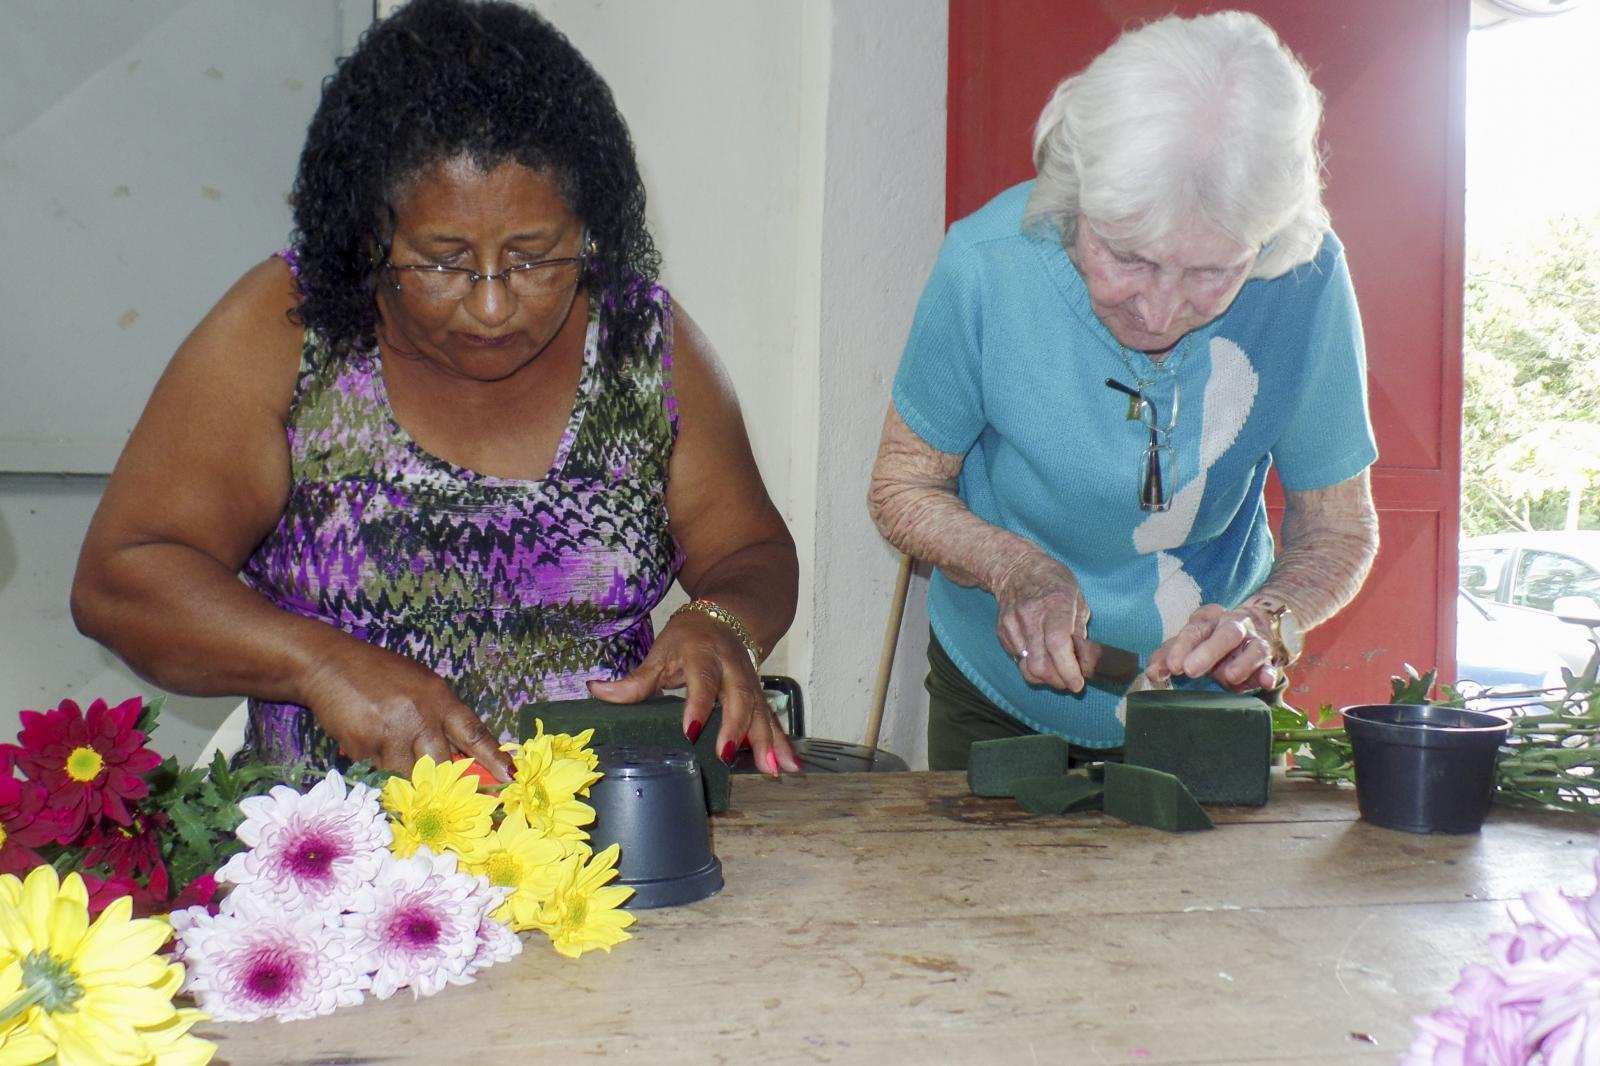 Serviço de Convivência e Fortalecimento de Vínculos desenvolveu oficina de Ikebana com usuários